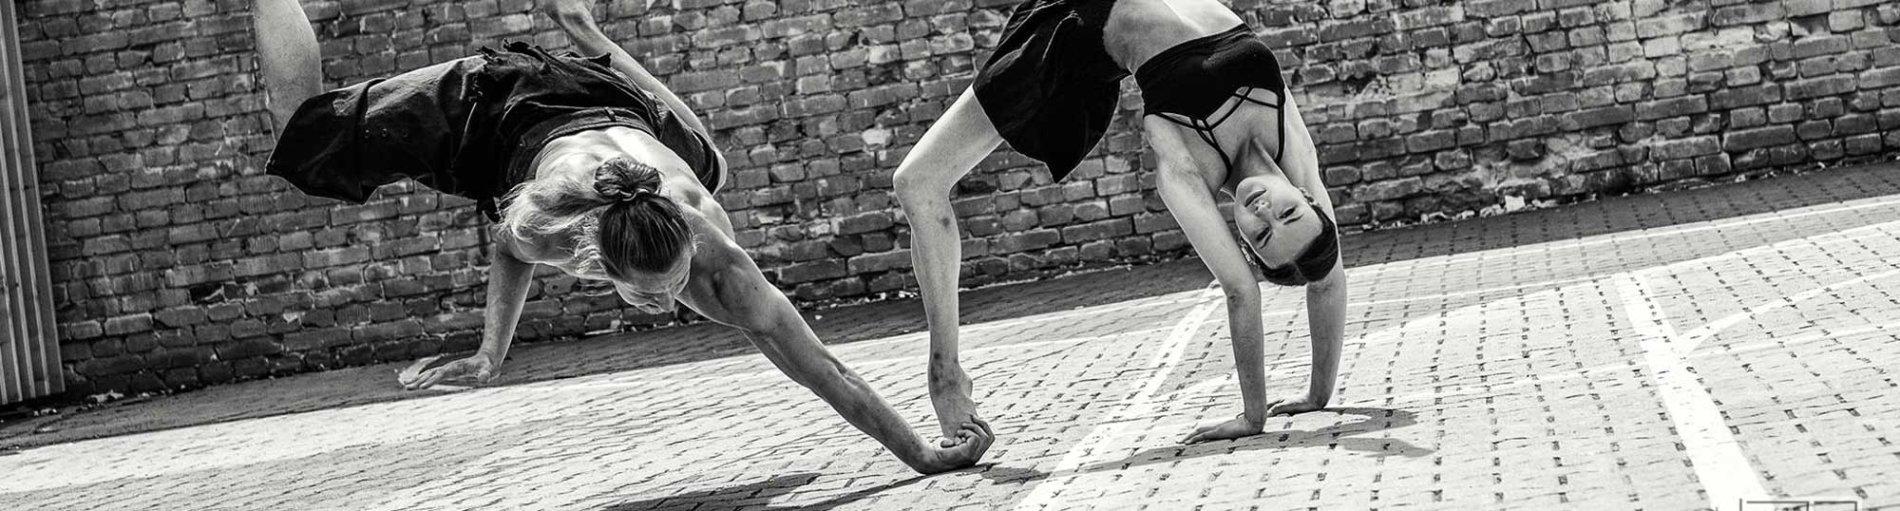 Ein Breakdancer und eine Ballerina am Tanzen. Bild in schwarz-weiß.